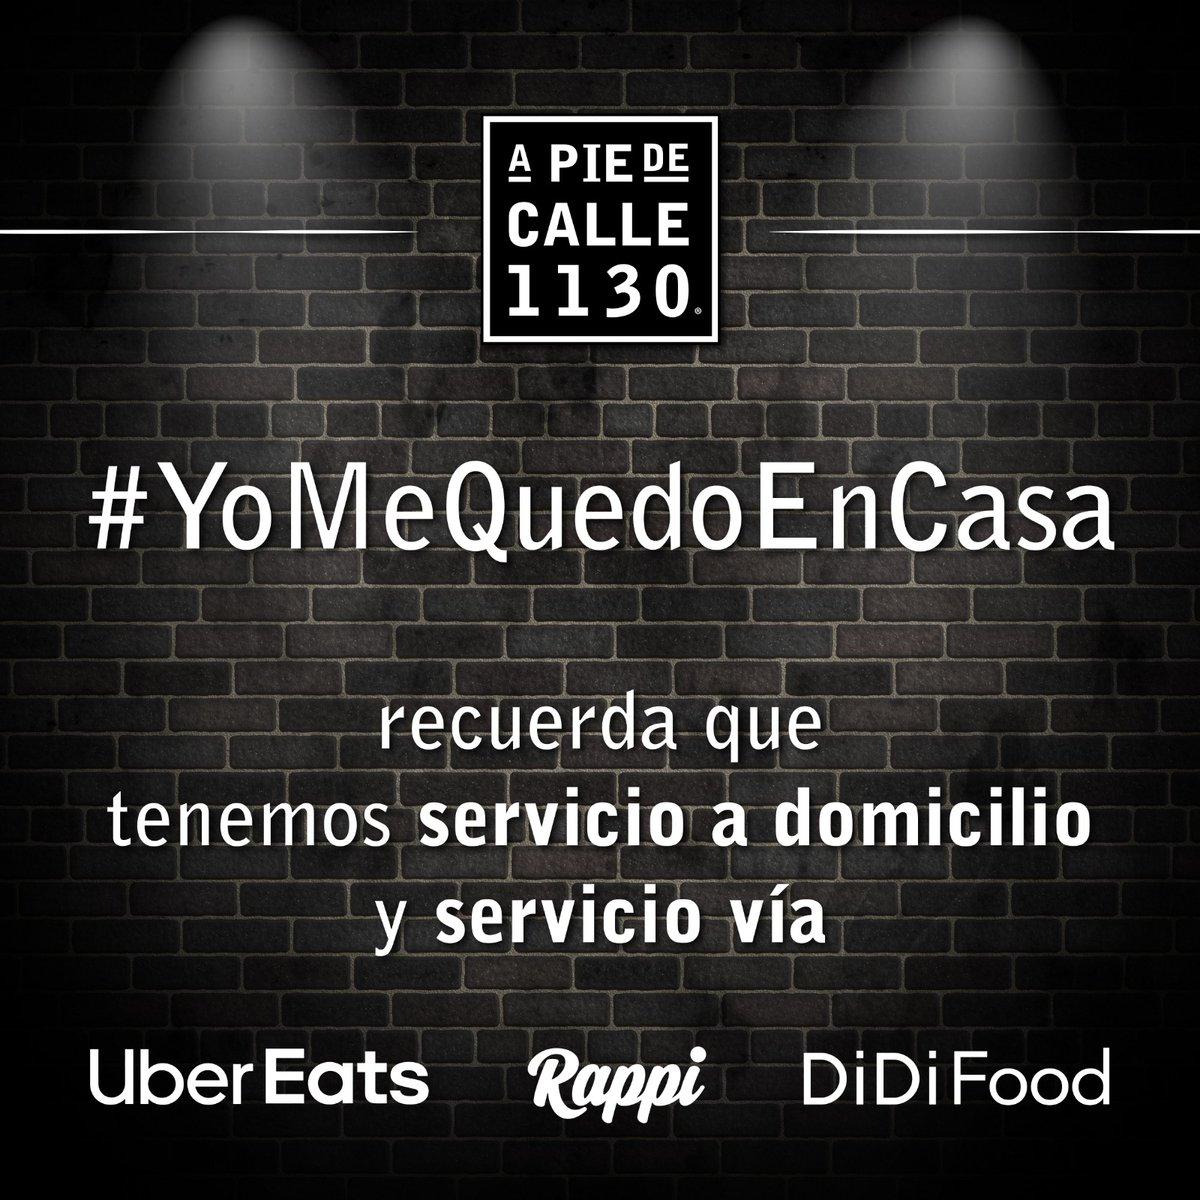 ¡No olvides que tenemos #ServicioADomicilio, comunicándote al 55 5585 3538 y nosotros te lo llevamos! ¡También, puedes encontrarnos en #UberEats, #Rappi y #DiDiFood! ¡#YoMeQuedoEnCasa!   #DondeComer #APieDeCalle #CDMX #ZonaSur #OlivarDeLosPadres #AvToluca1130 #2X1 #BBQ